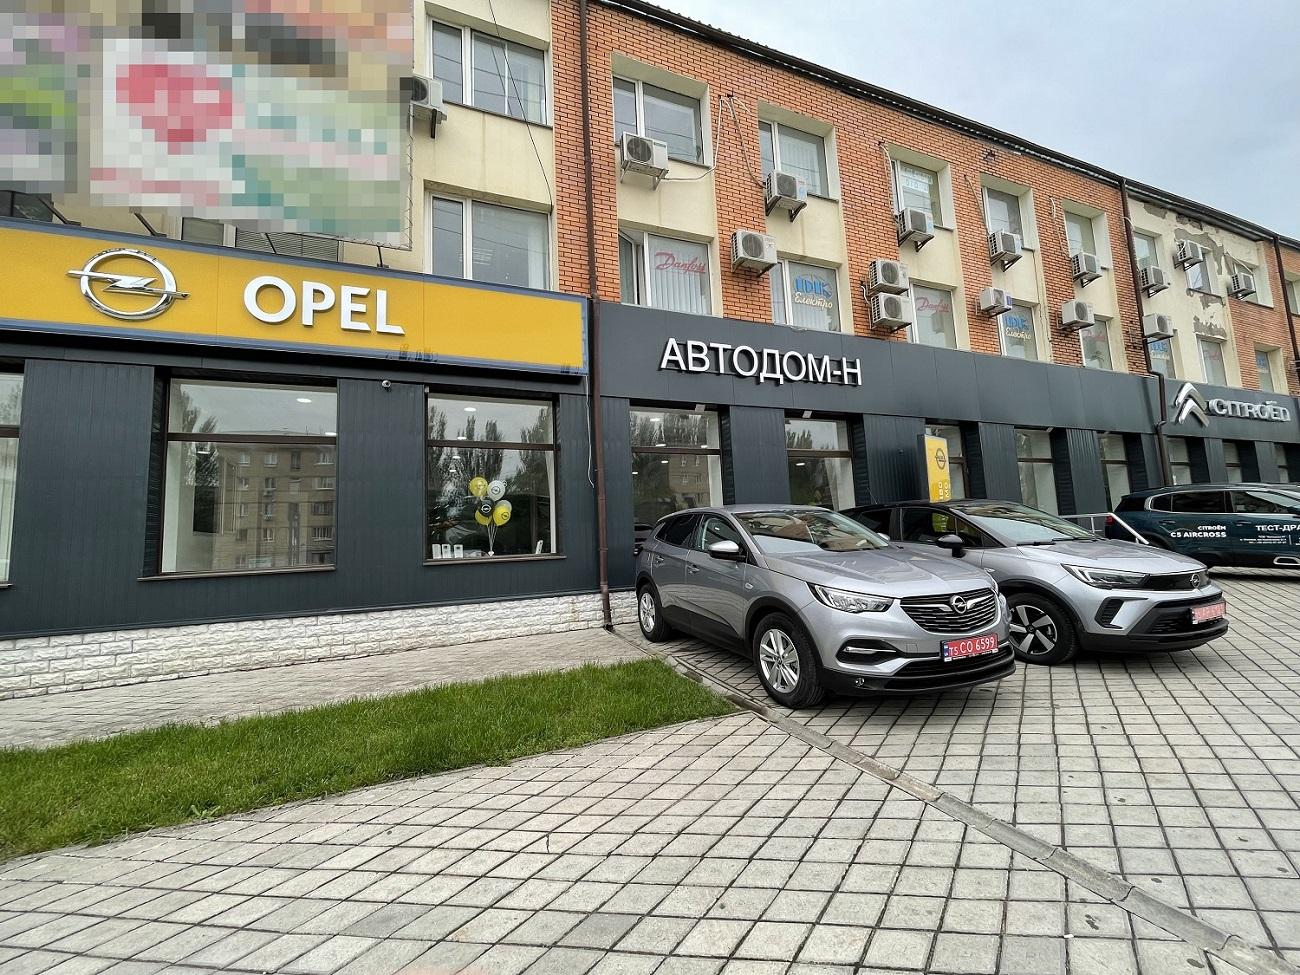 Новий дилер Opel «Автодом-Н» в Миколаєві